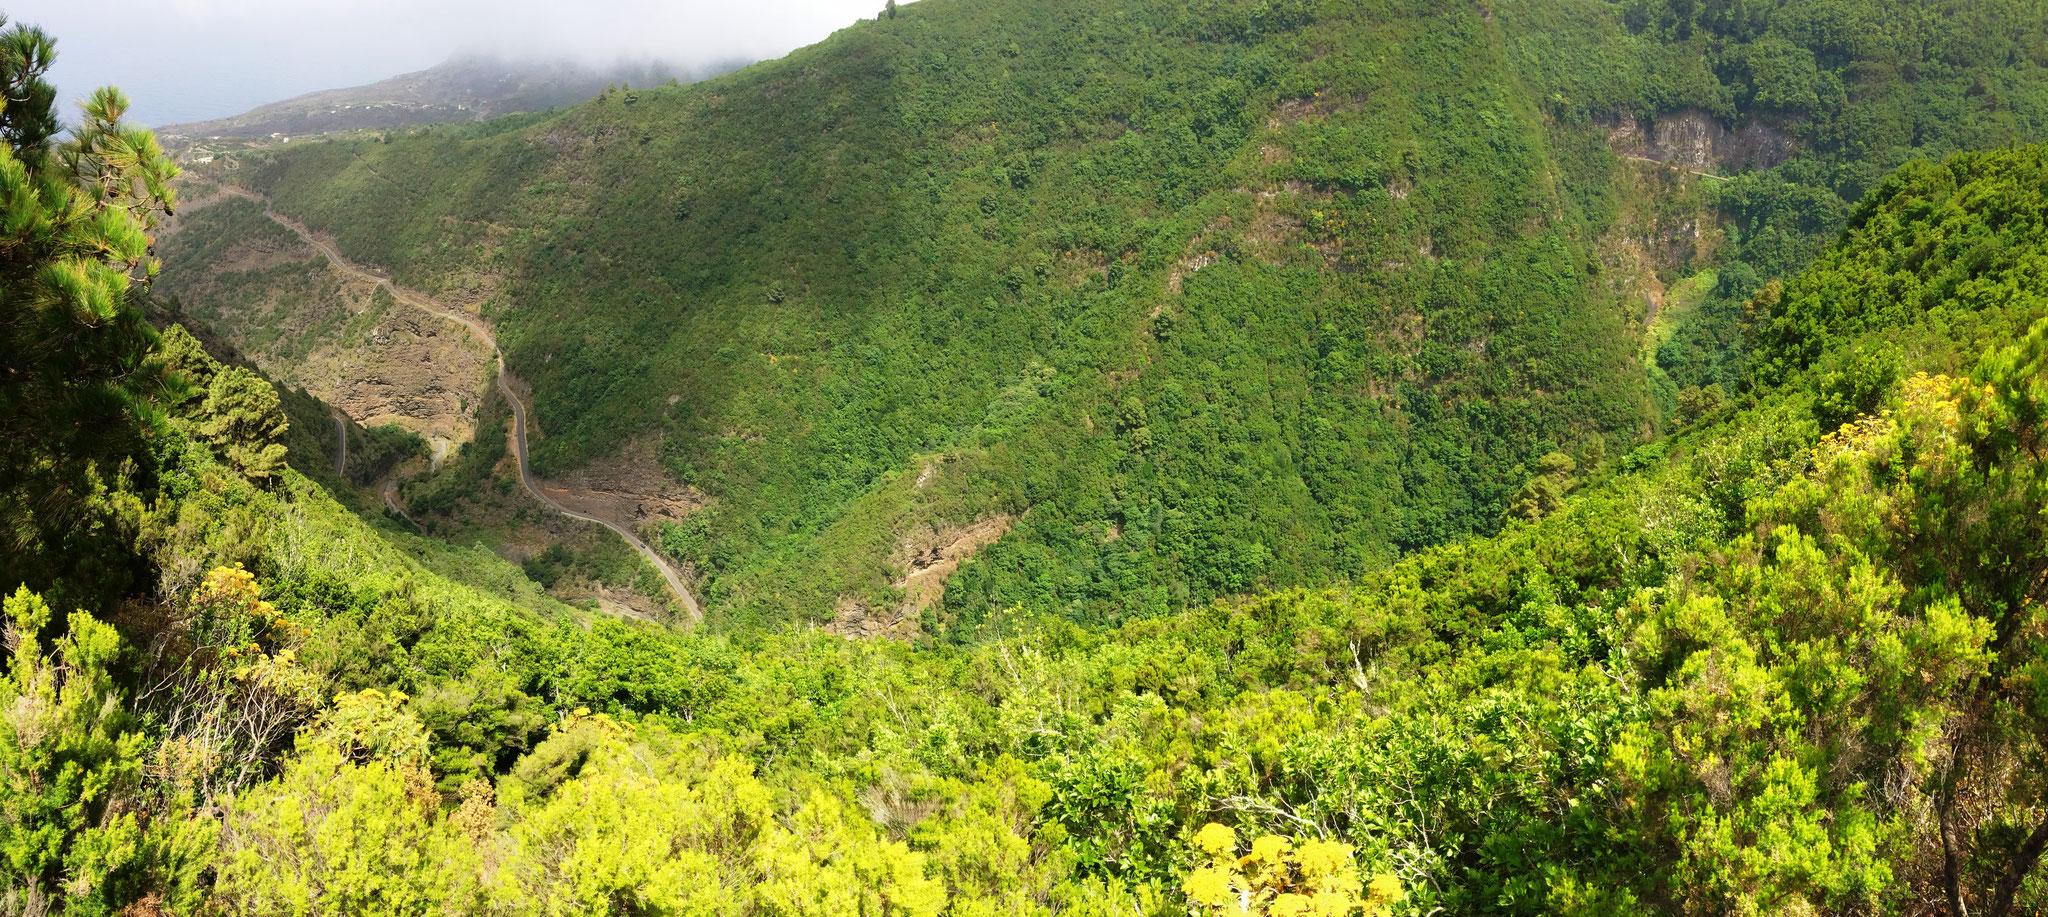 La Palma - Barranco Los Gallegos Barlovento